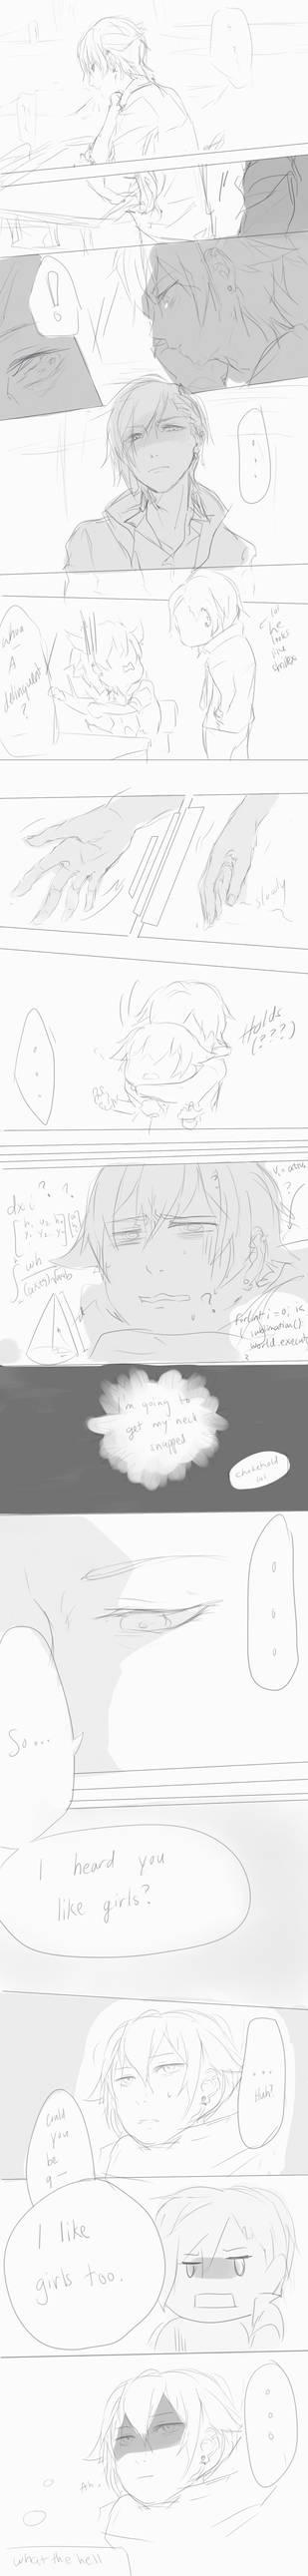 [TH] Umm..... Pardon?